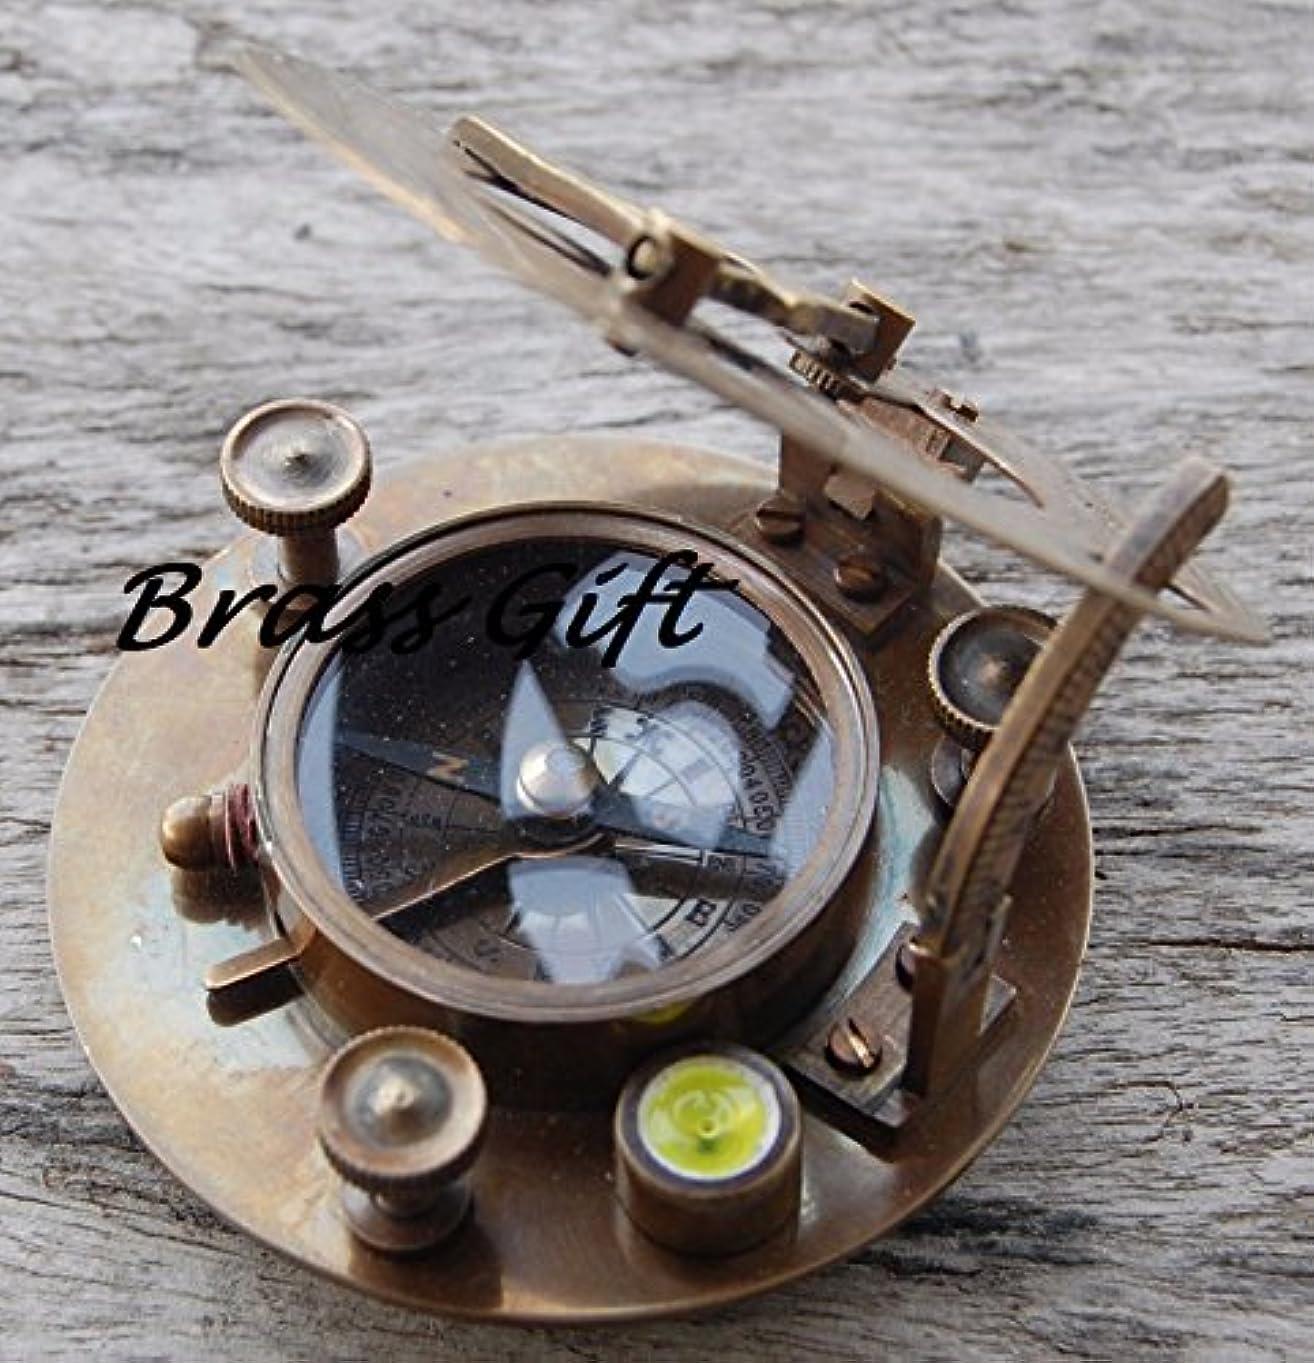 脚本家強風透明に真鍮sundial-west-london-compass-maritime-ナビゲーションAstrolabe